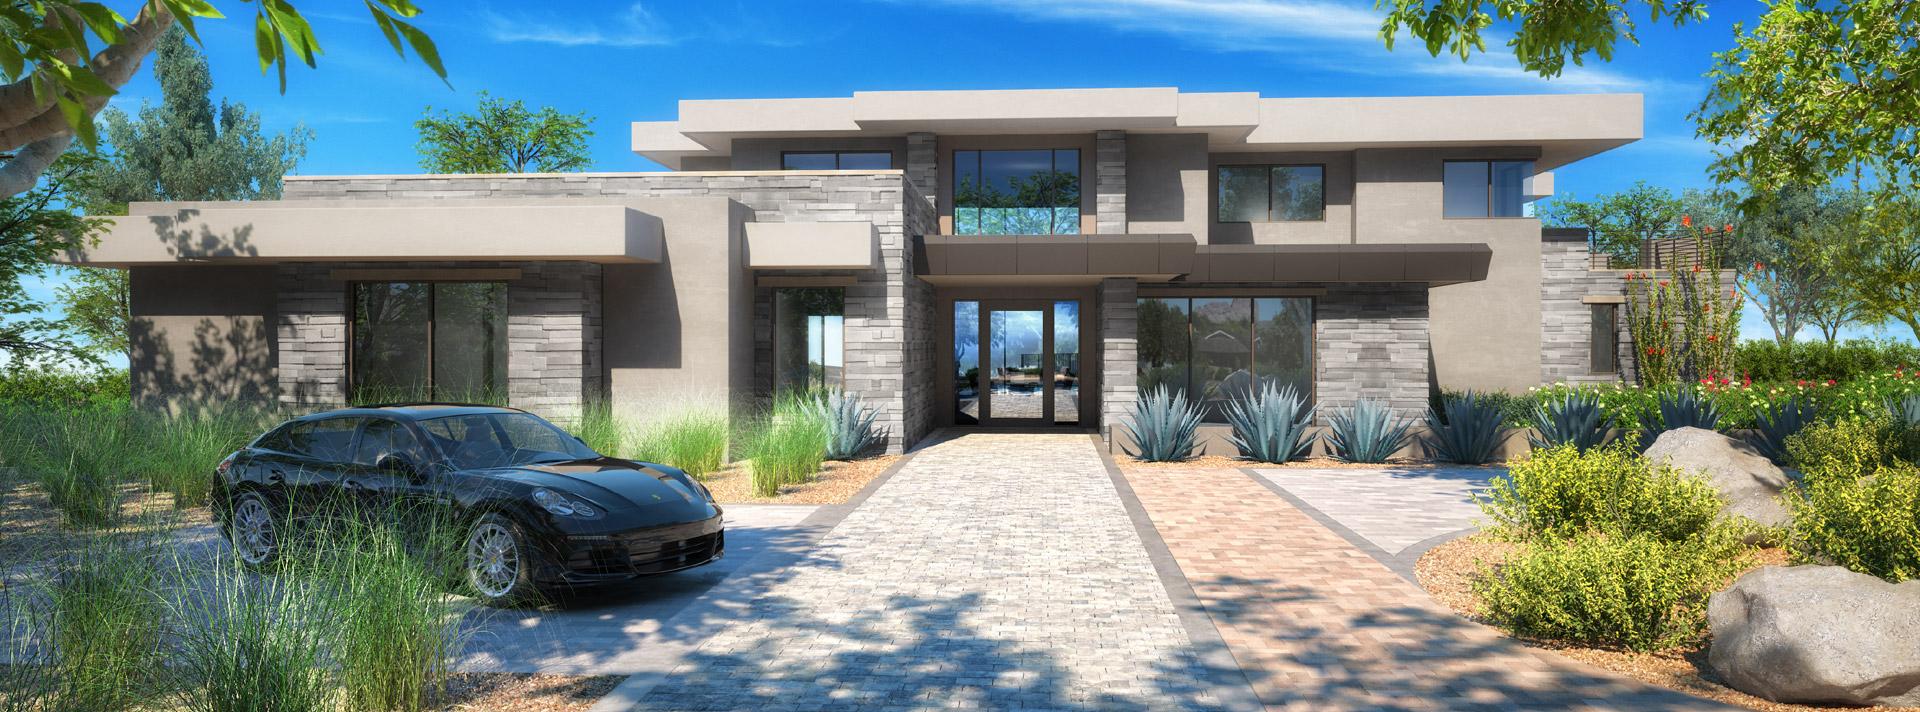 real-estate-developer-1